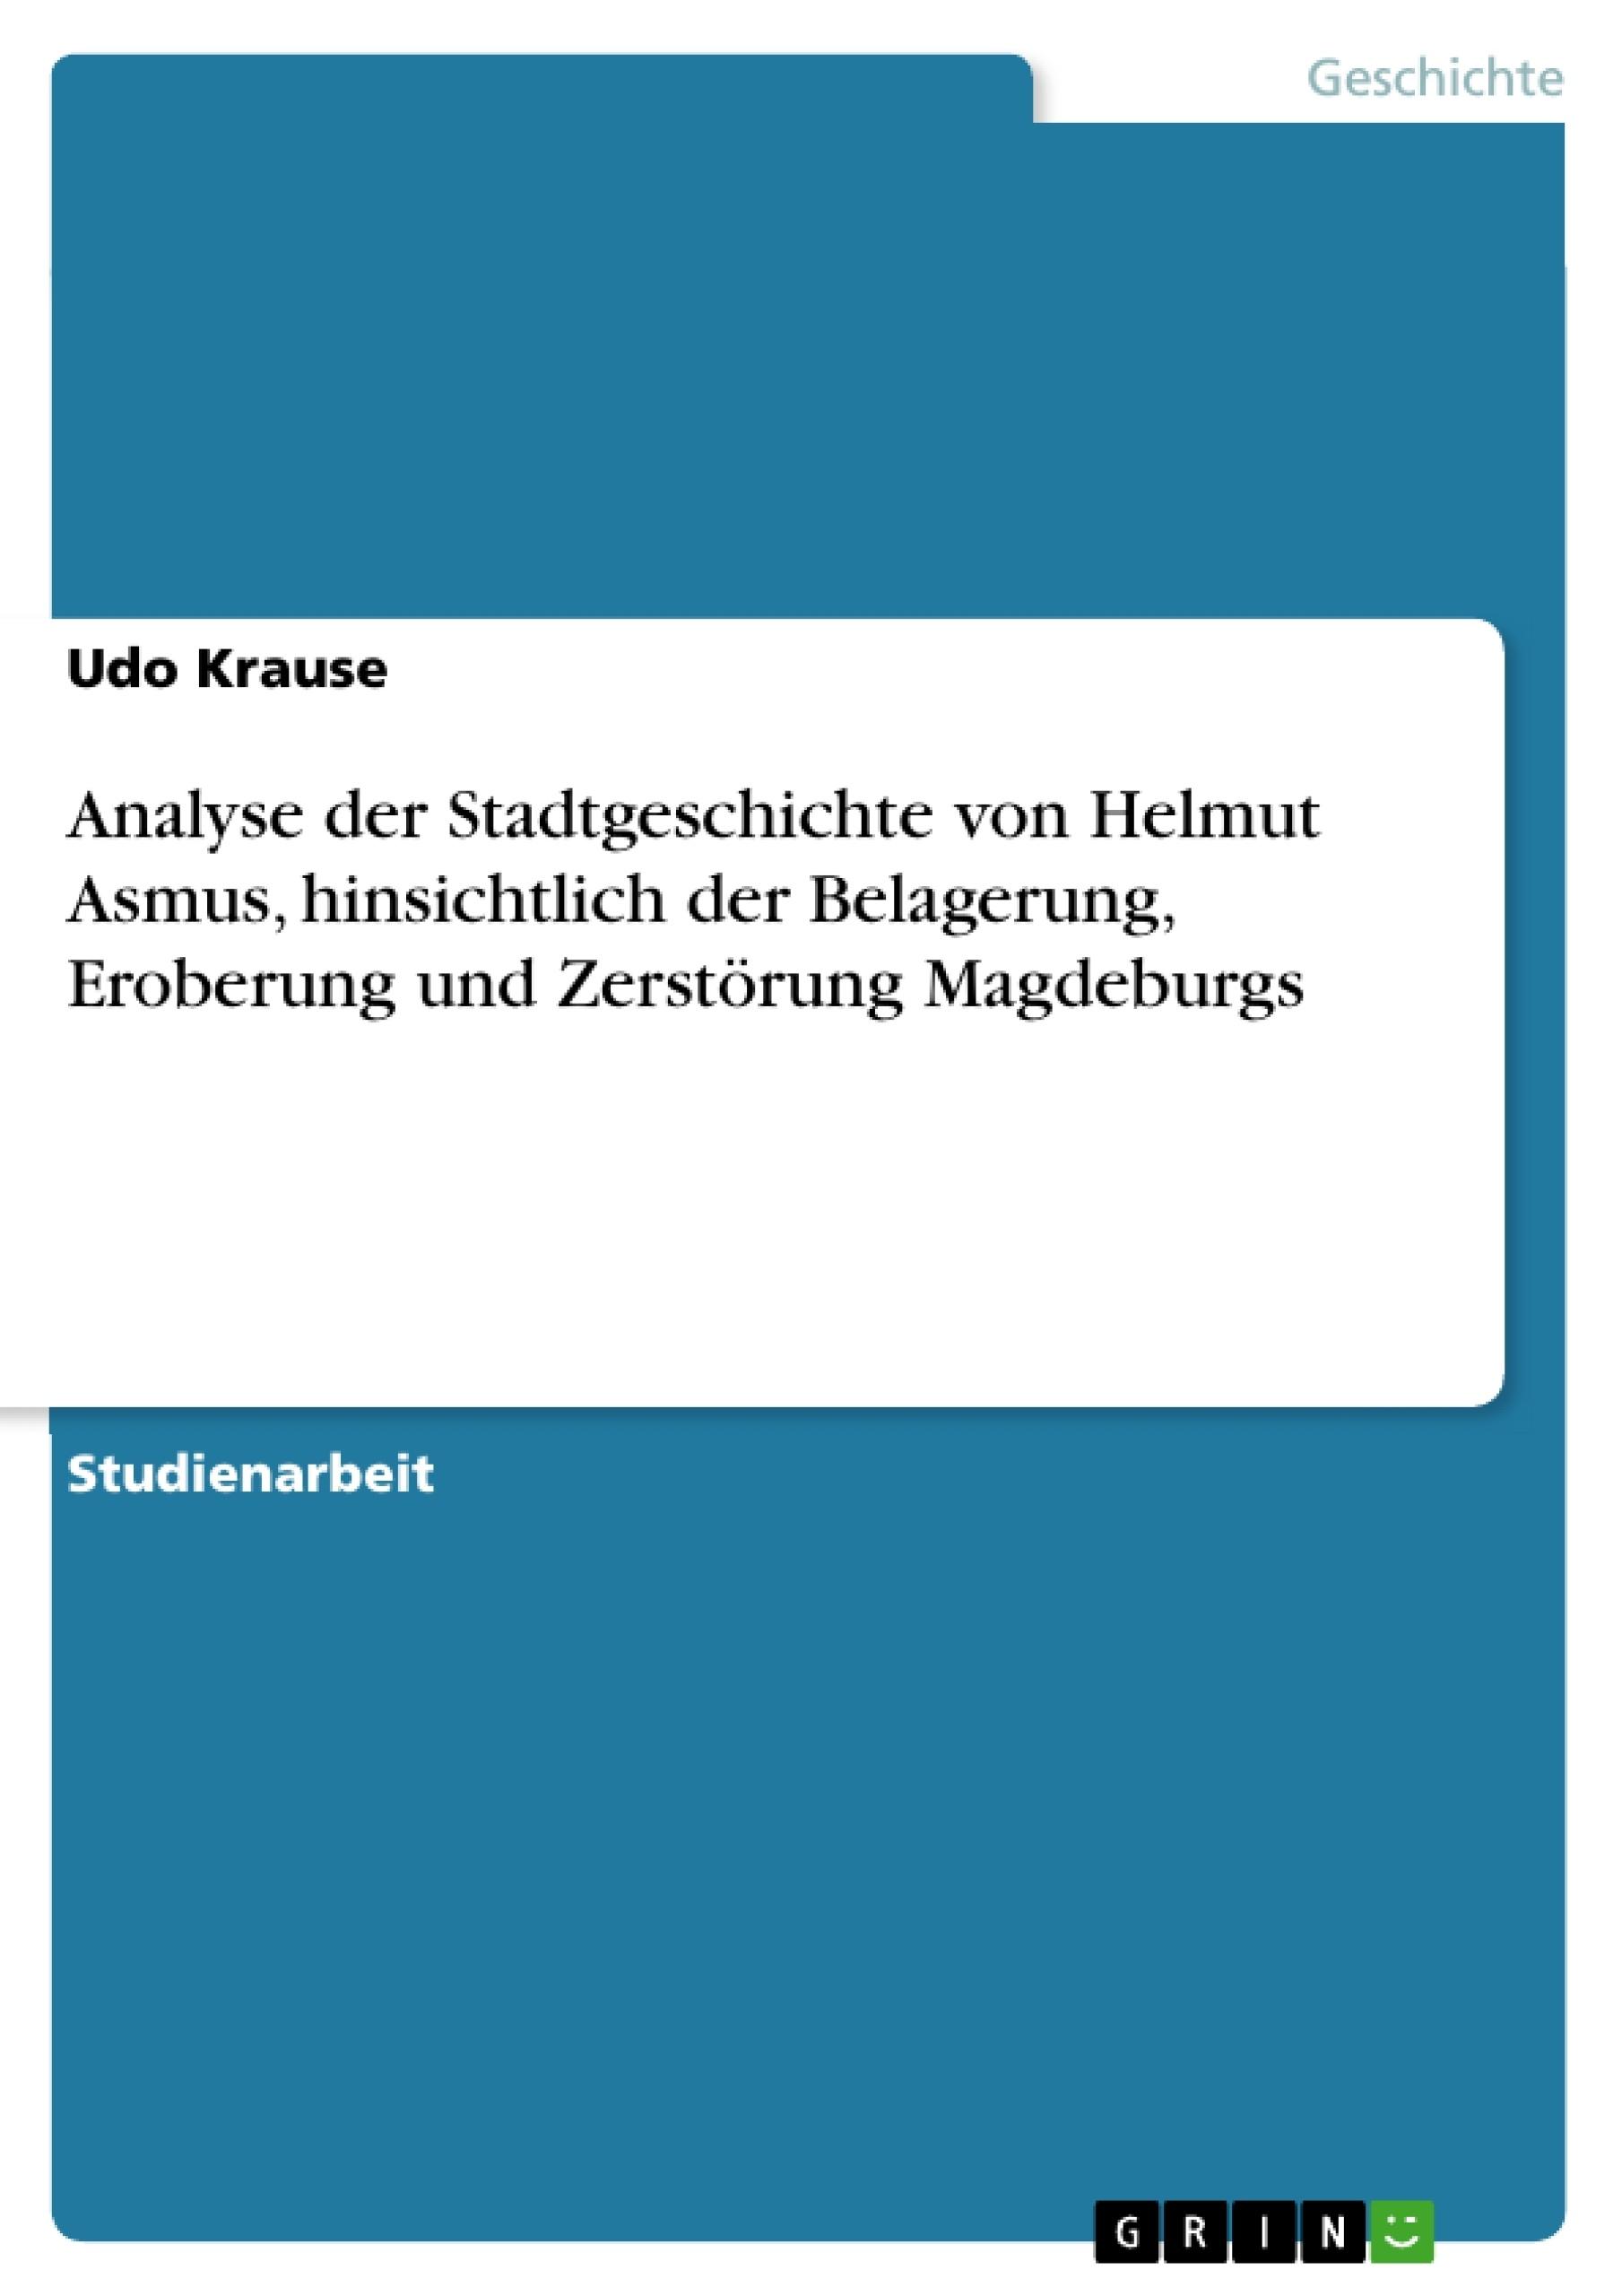 Titel: Analyse der Stadtgeschichte von Helmut Asmus, hinsichtlich der Belagerung, Eroberung und Zerstörung Magdeburgs